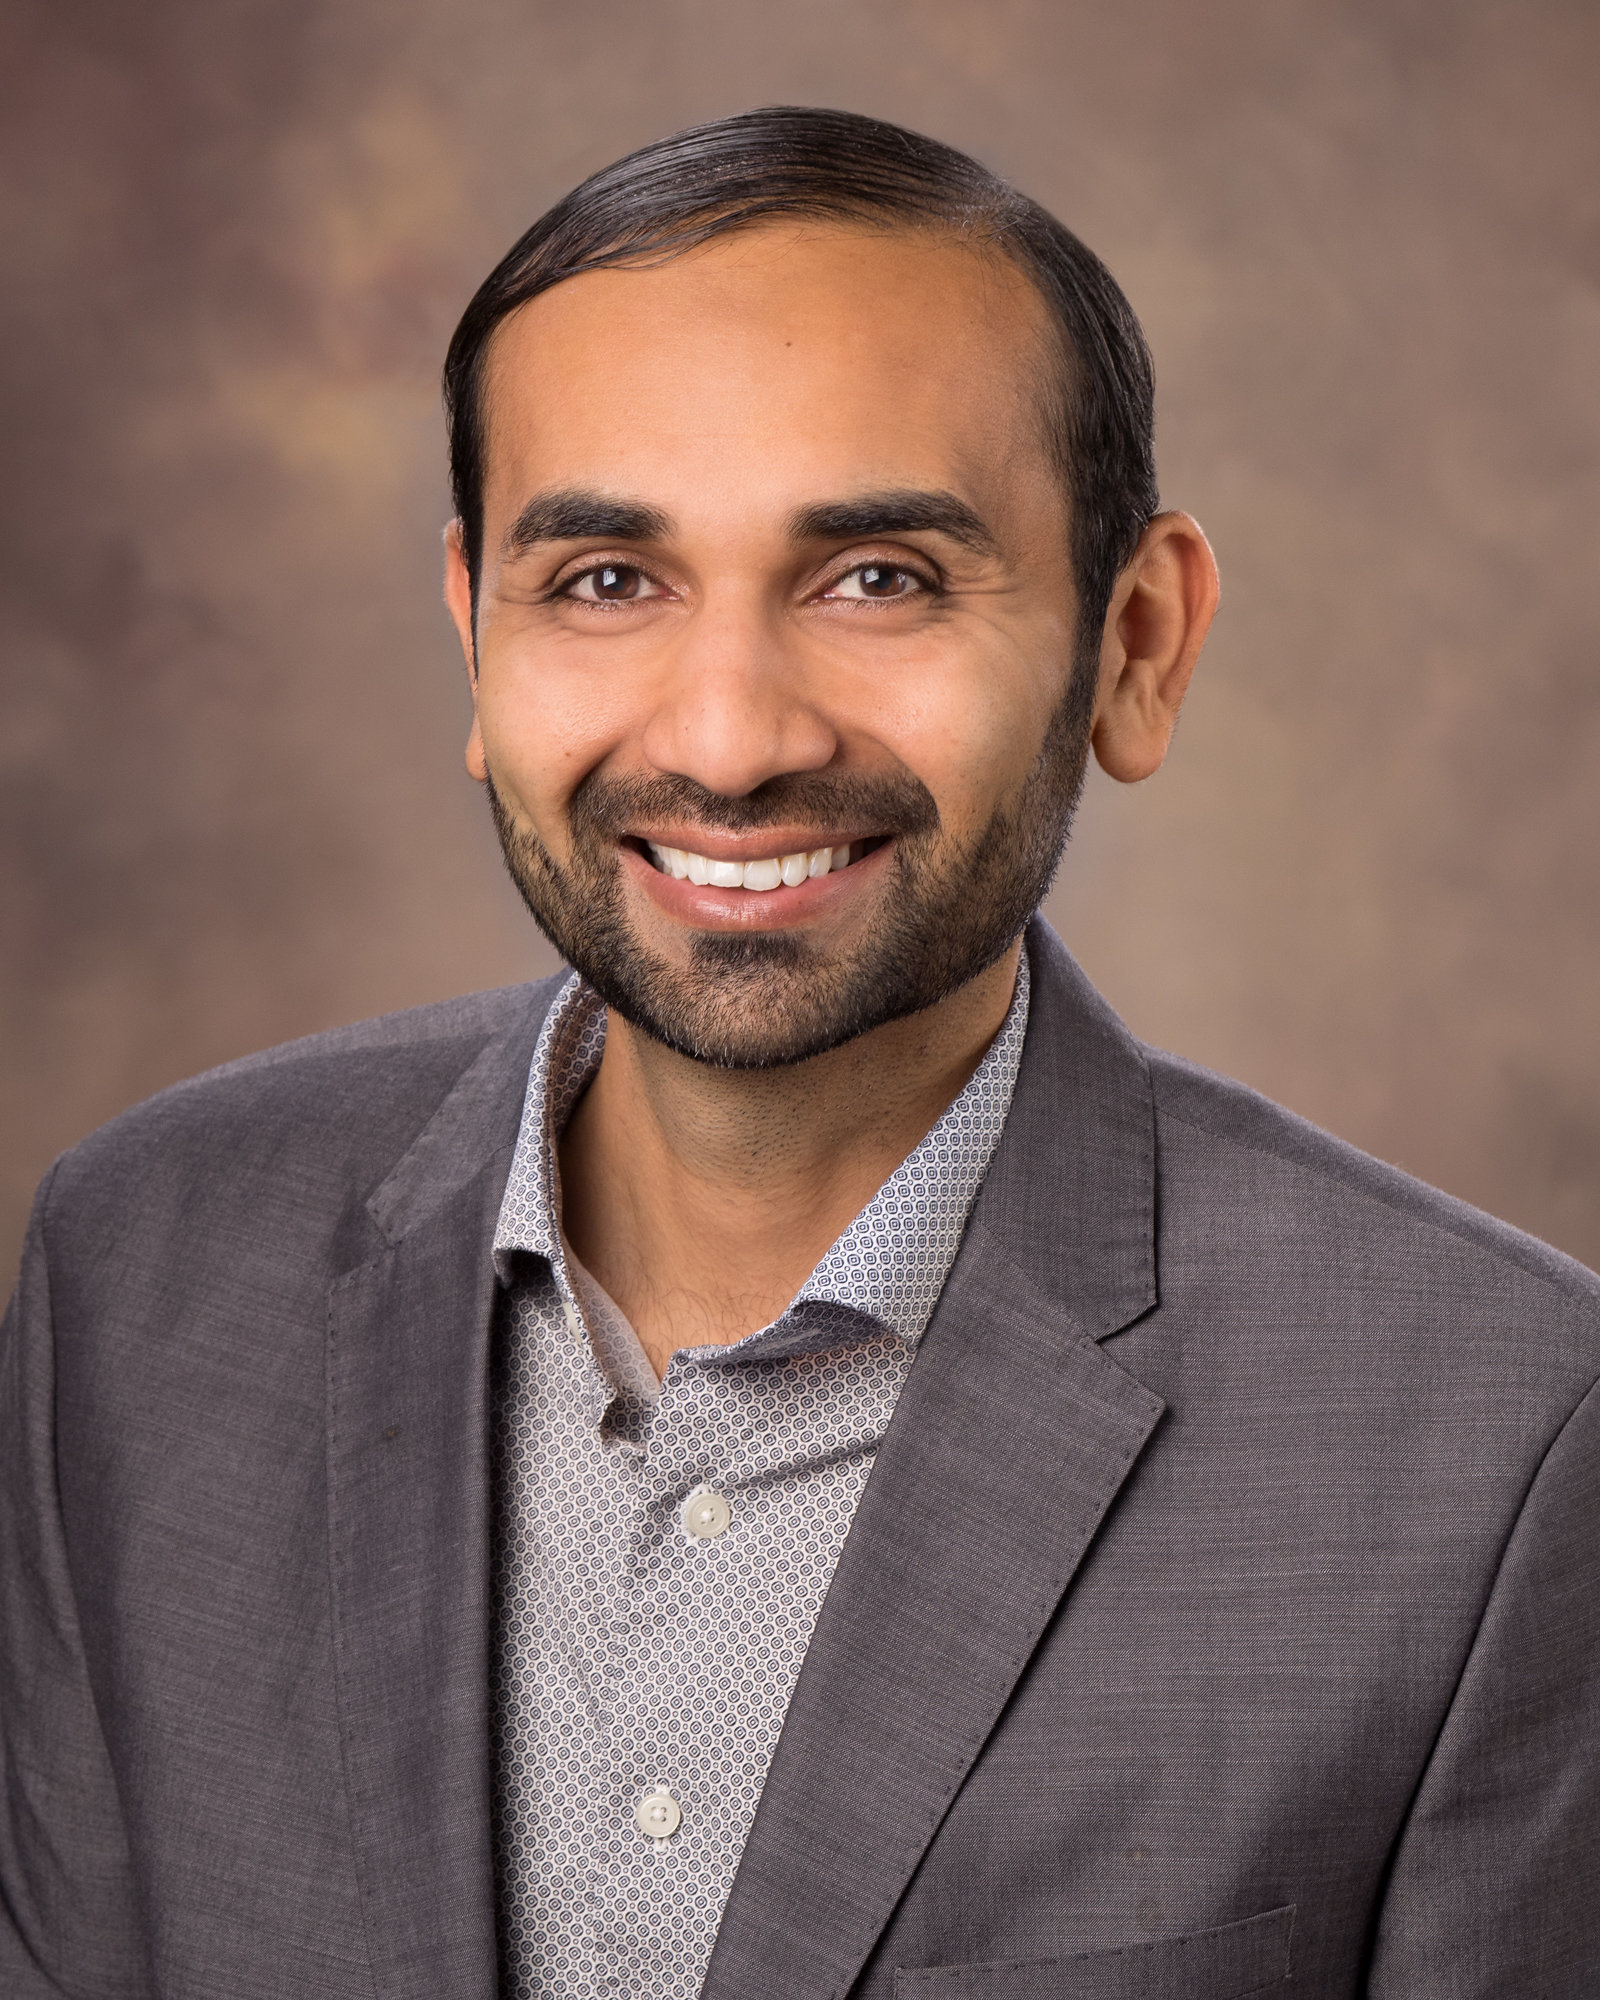 Salim Saiyed